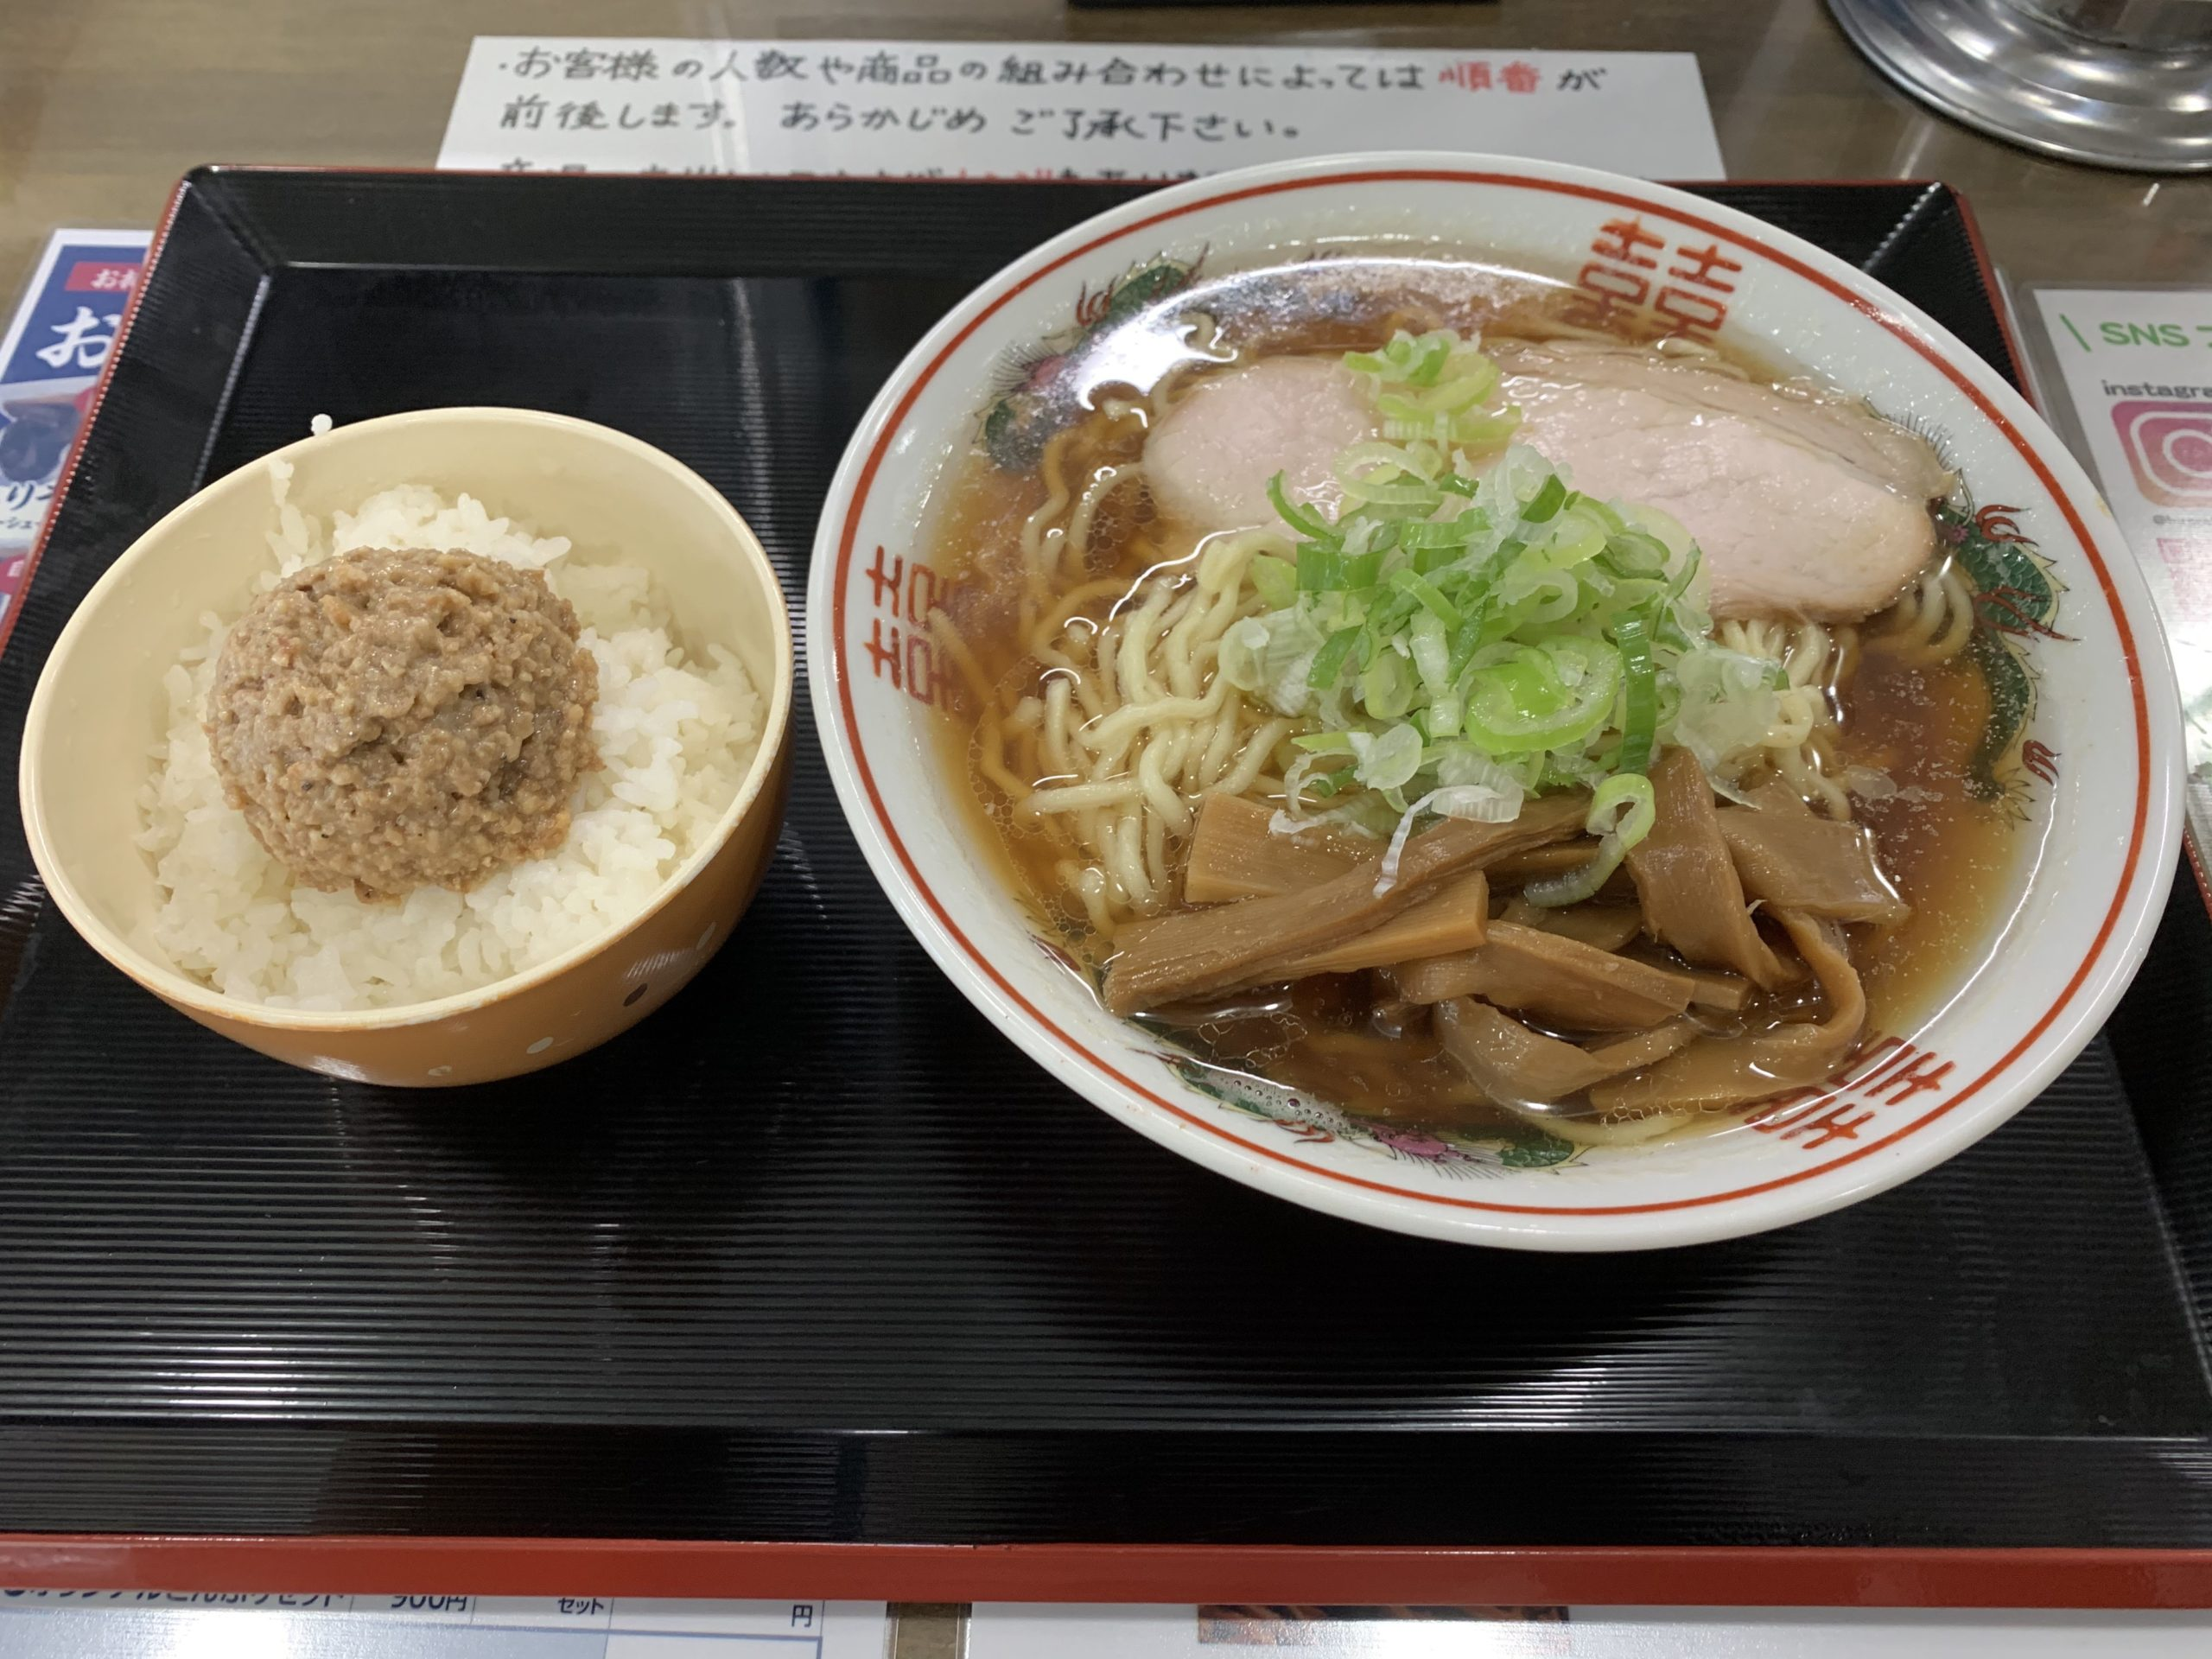 弘前大勝軒の煮干しラーメン醤油とそぼろライスセット